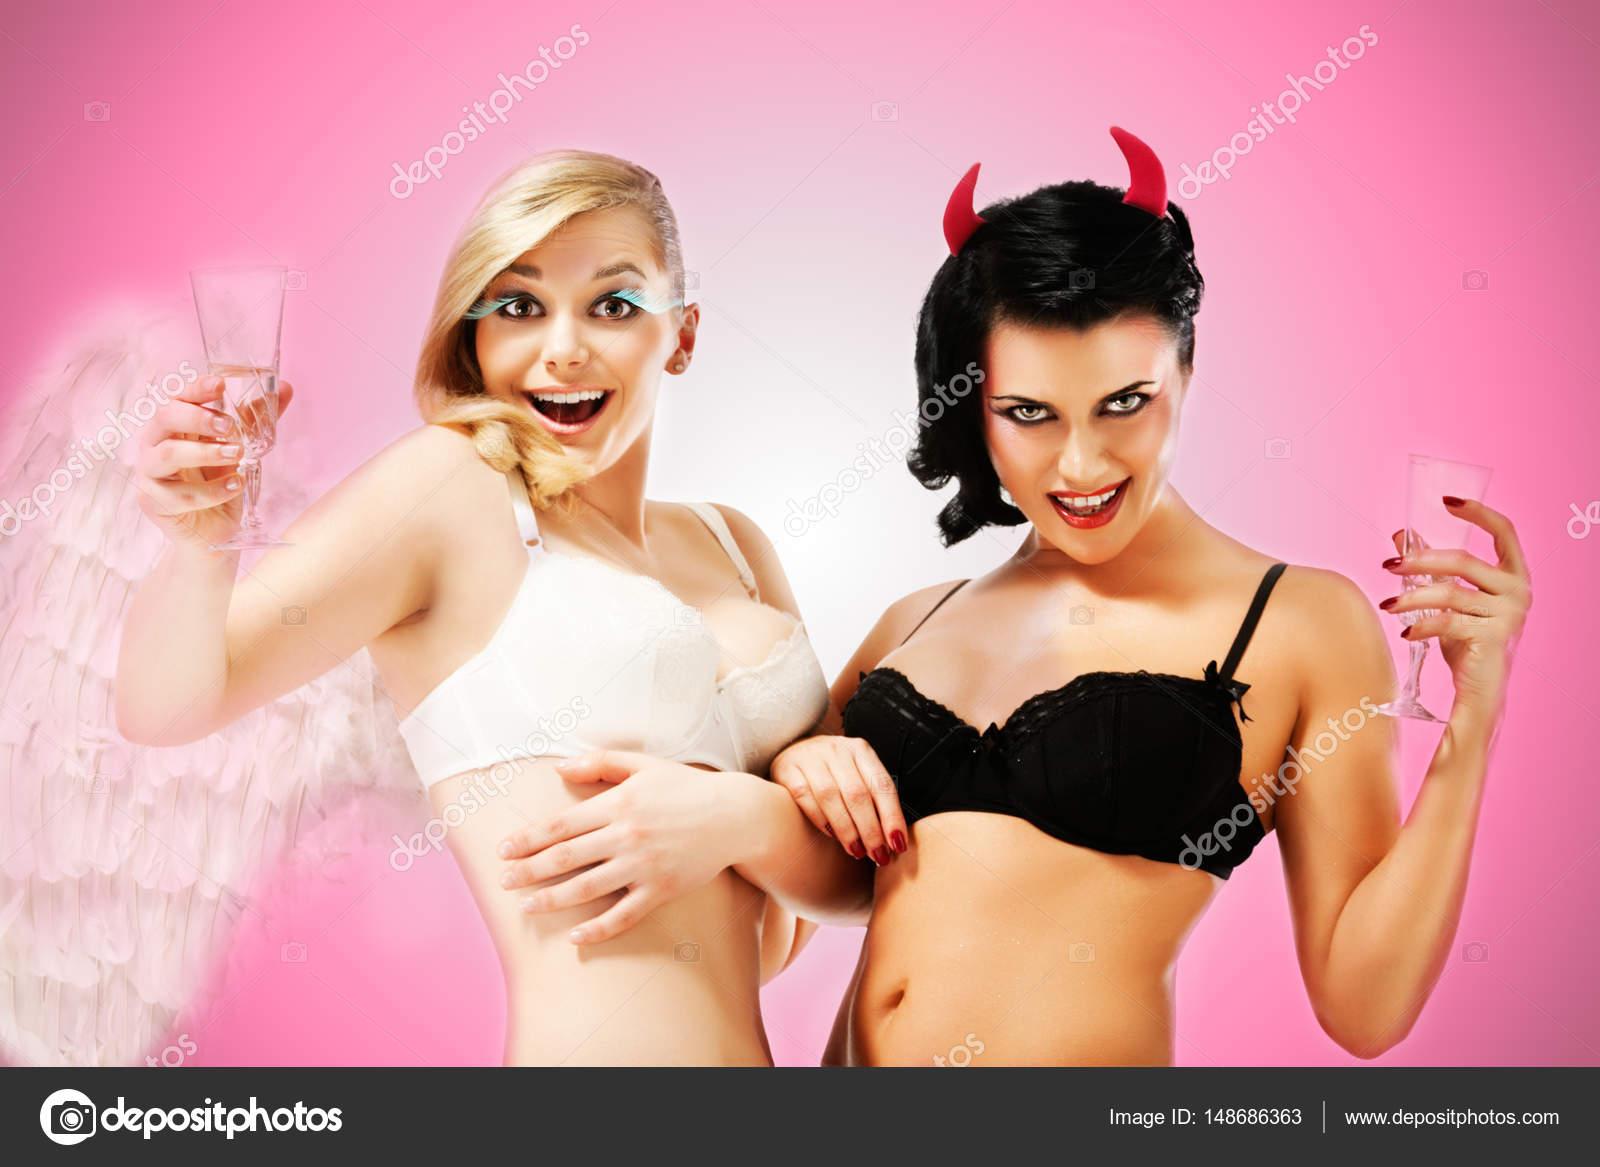 σέξι γυμνό νεοσσών φωτογραφίες